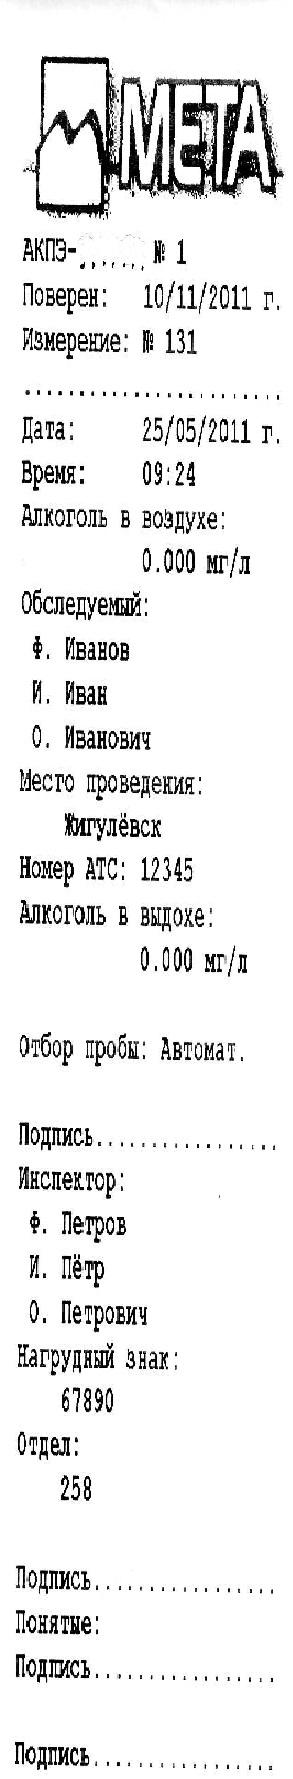 Протокол измерений из прибора АКПЭ 01.01-01 Мета